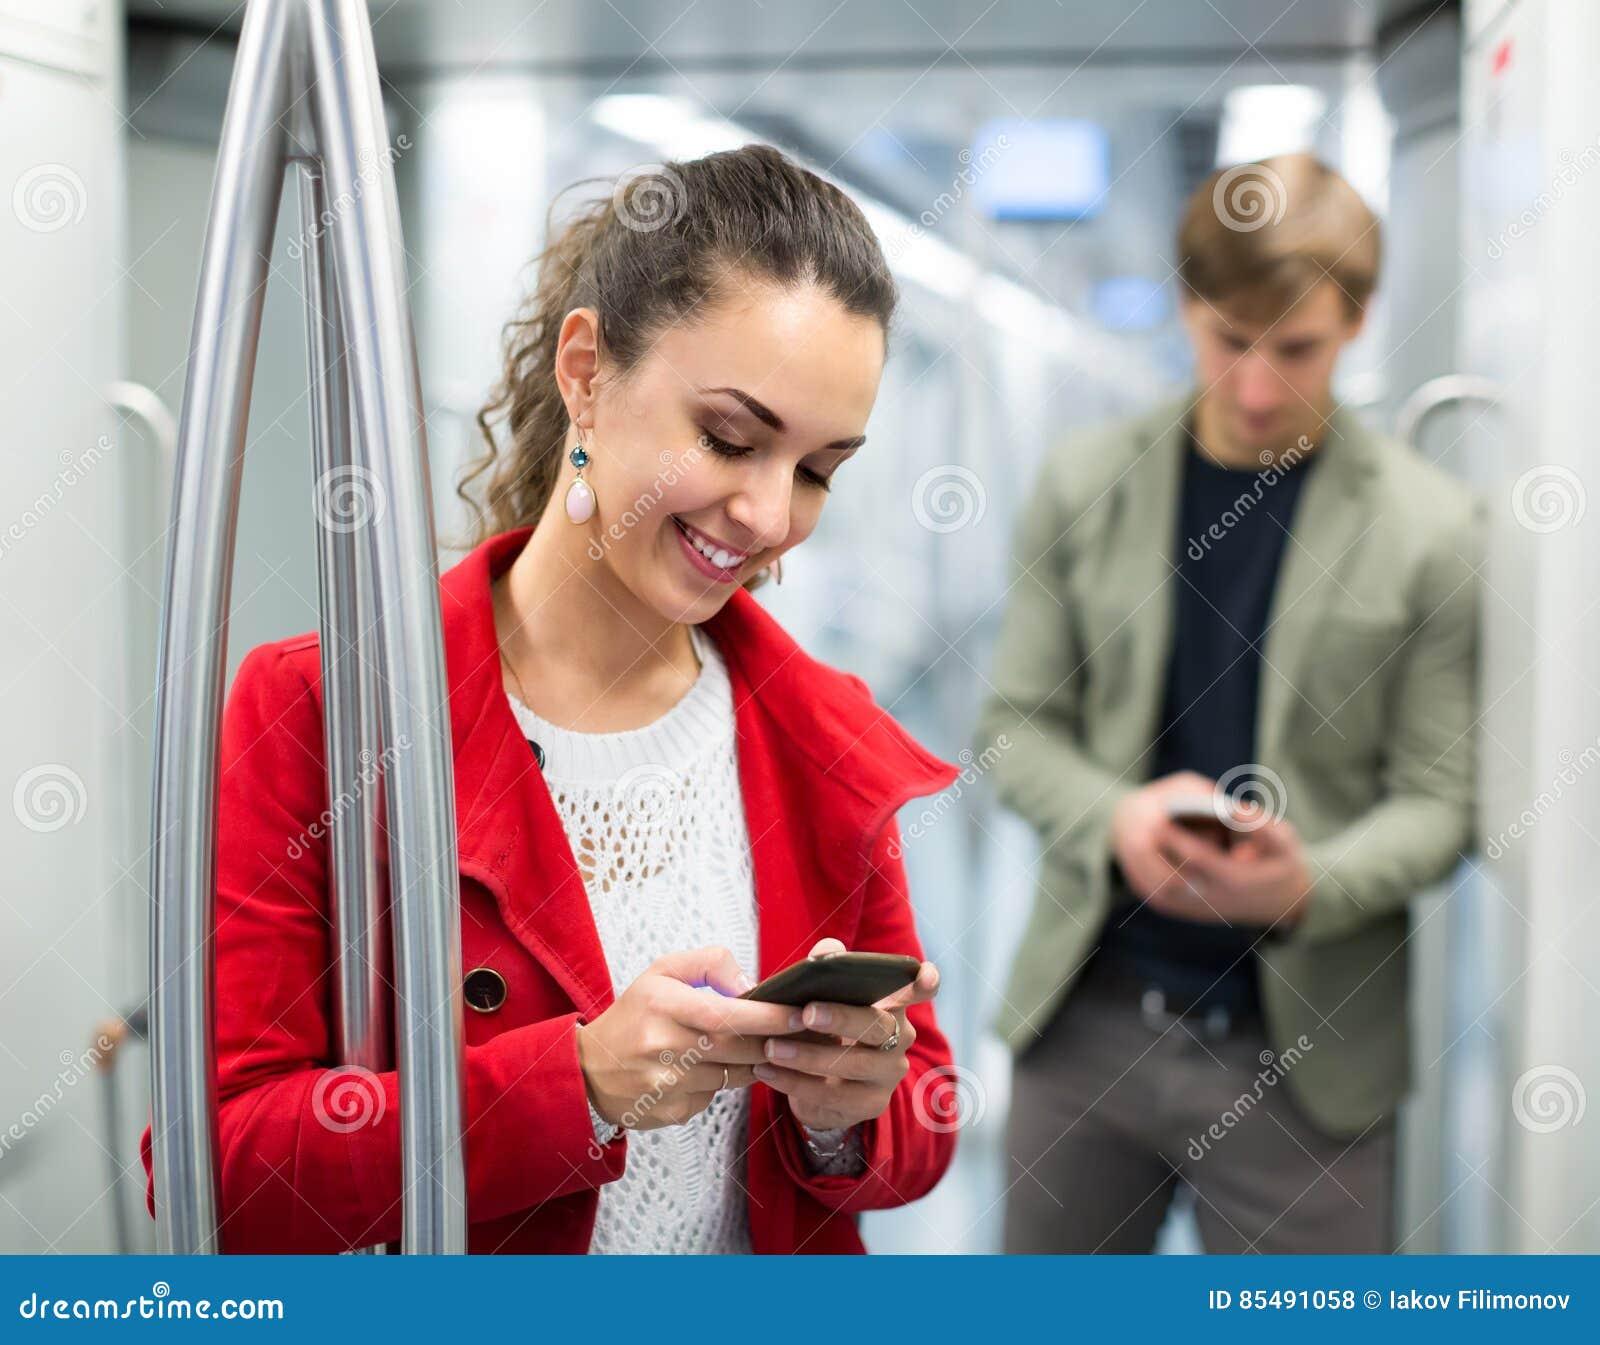 Passagiers in metro wagen